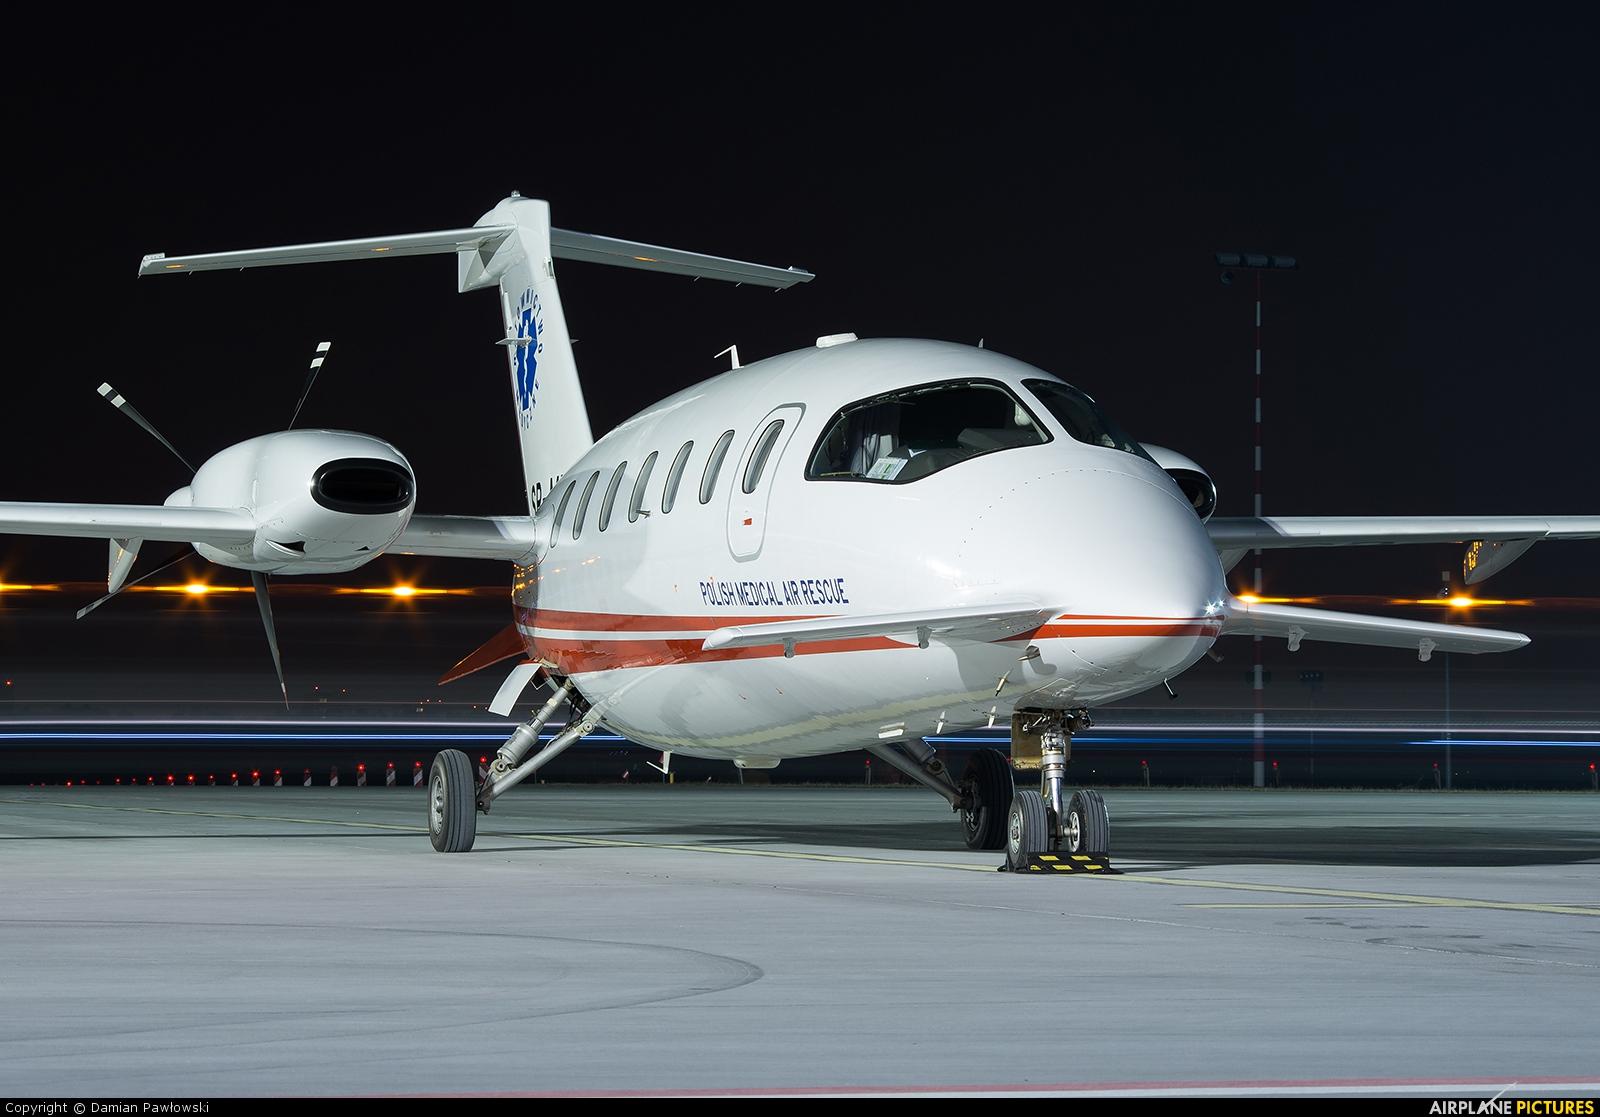 Polish Medical Air Rescue - Lotnicze Pogotowie Ratunkowe SP-MXI aircraft at Bydgoszcz - Szwederowo